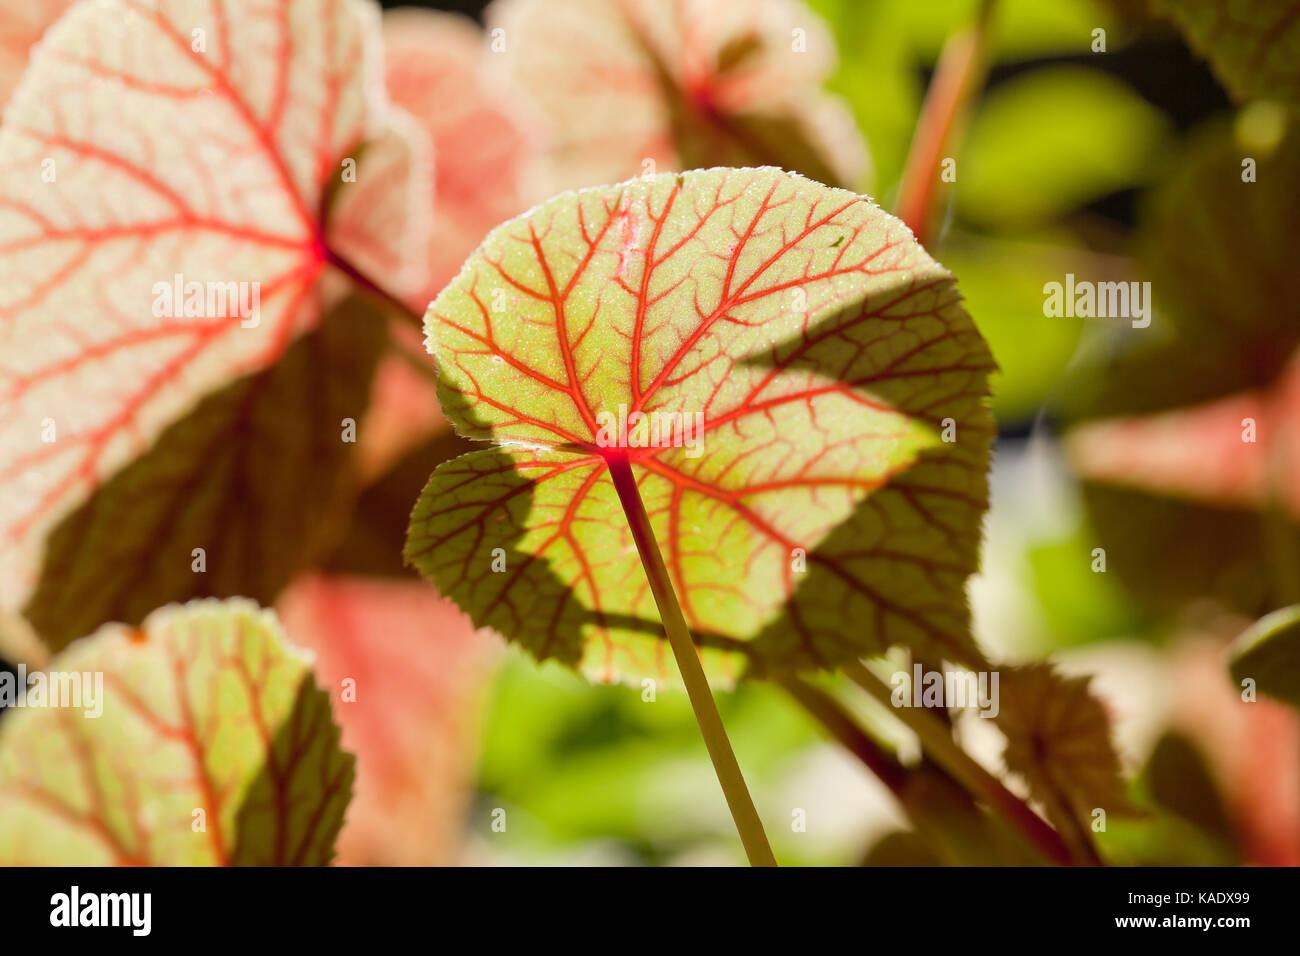 Dessous de hardy begonia feuilles présentant des nervures latérales et veines sublatéraux Photo Stock